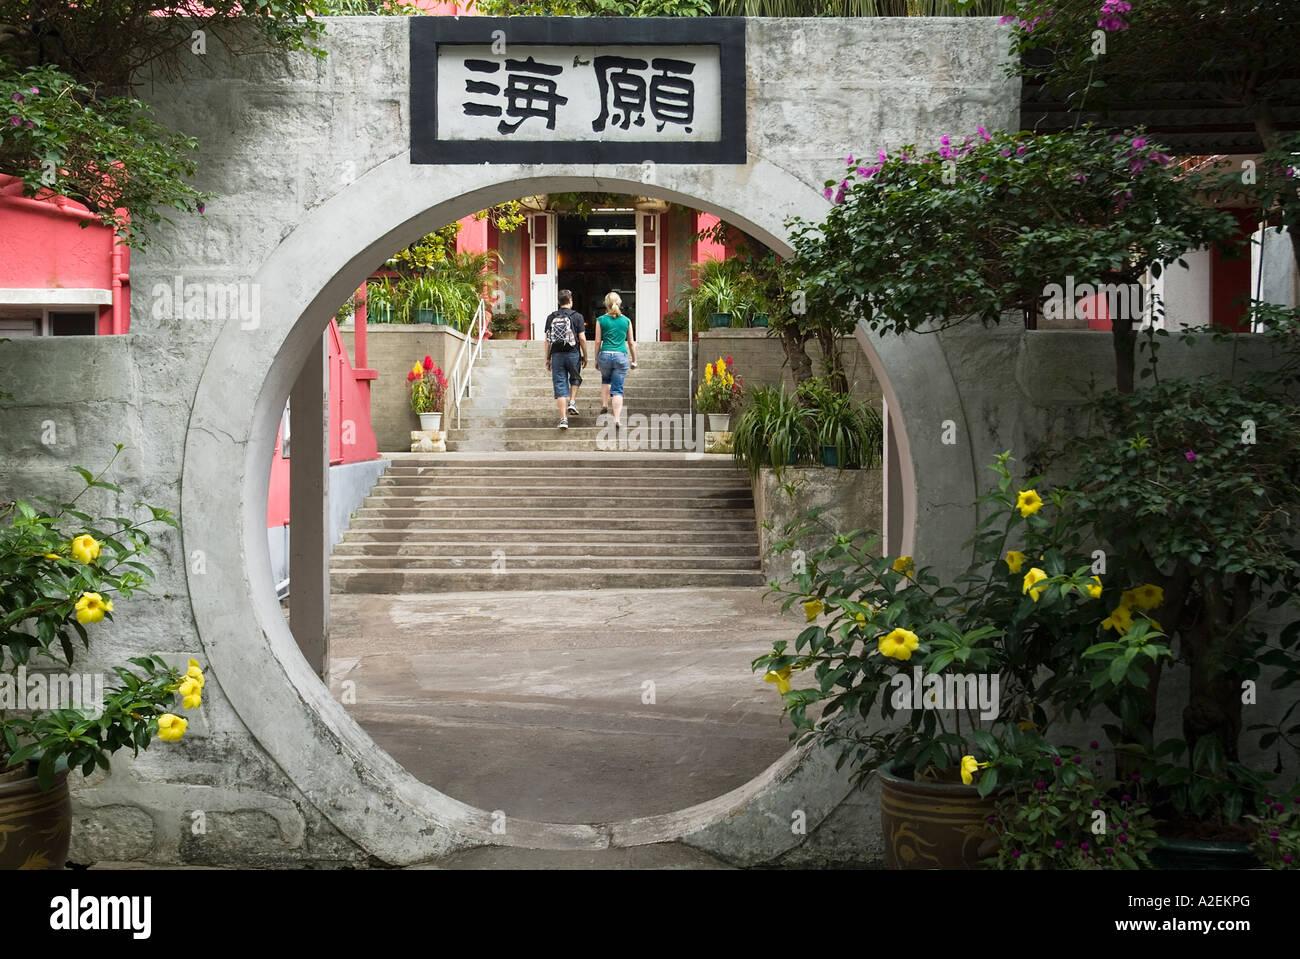 Dh il Monastero Po Lin LANTAU HONG KONG giovane salire a piedi a passi di feng shui cerchia tonda porta fortuna Immagini Stock